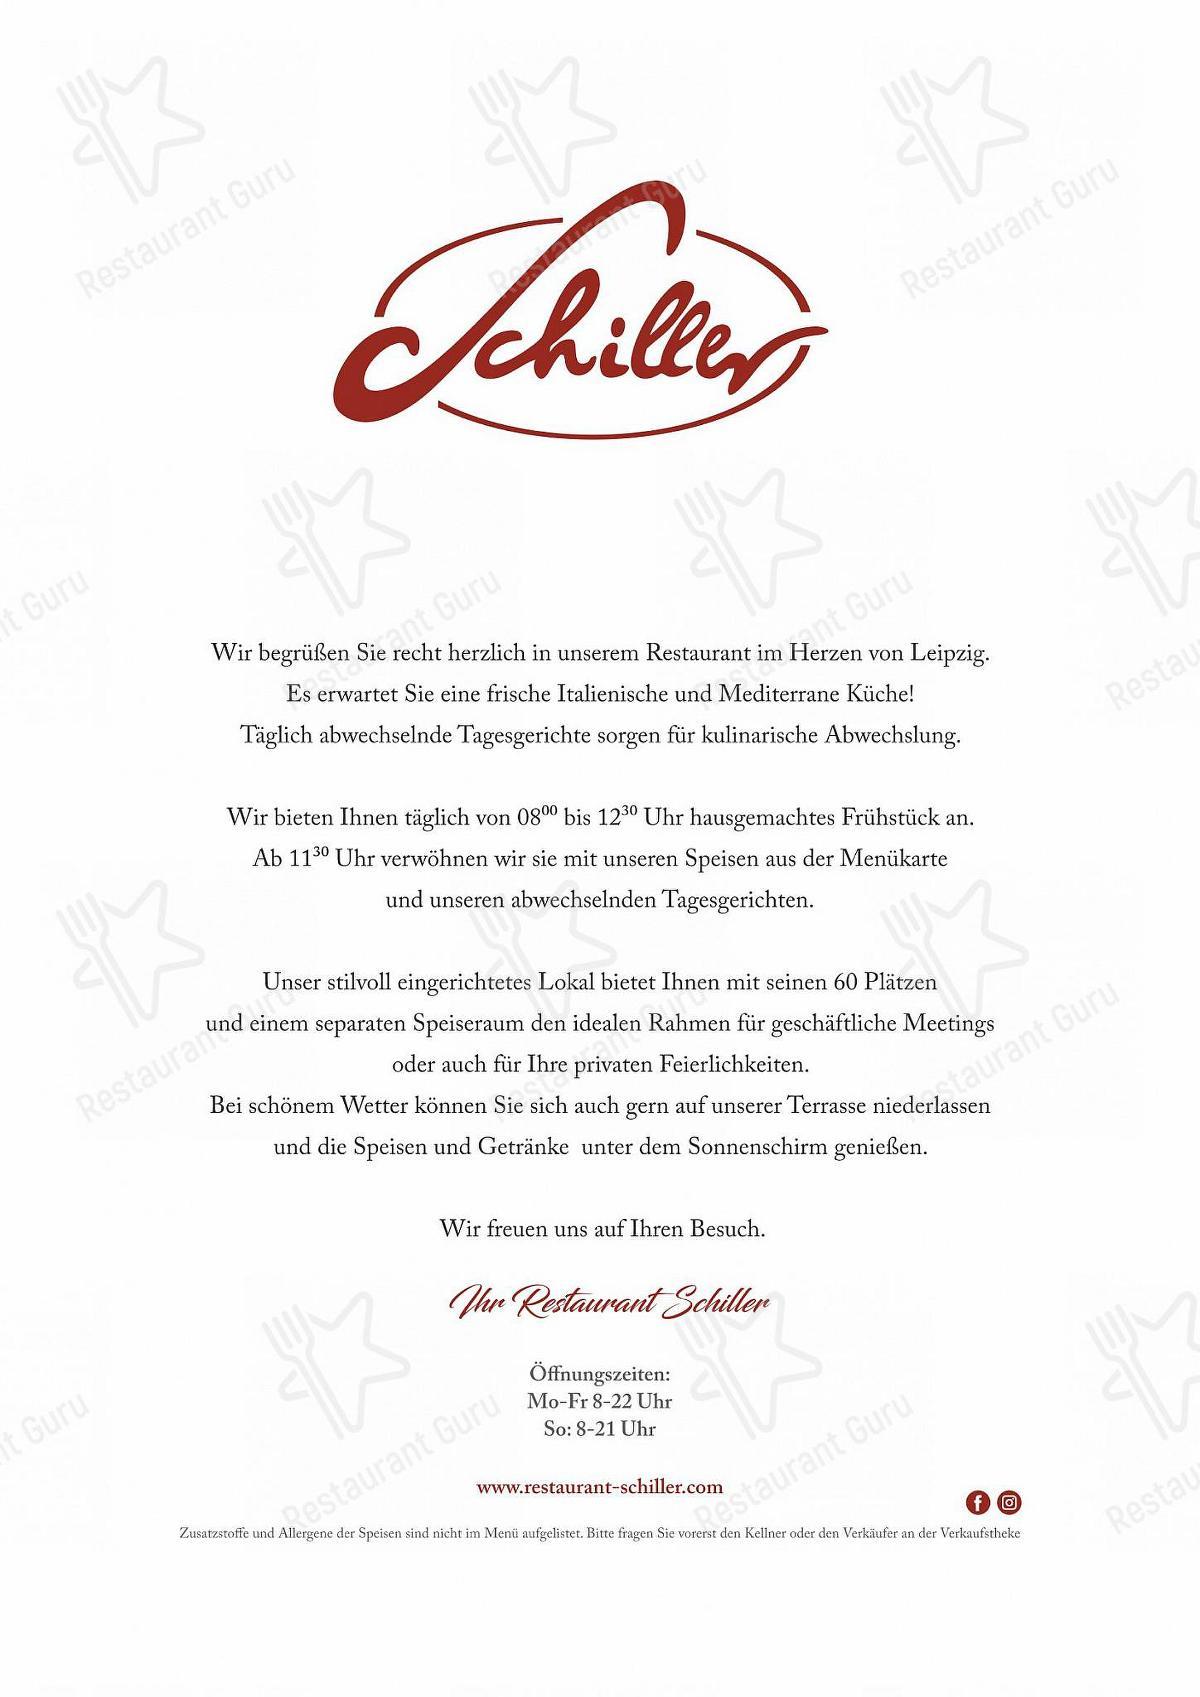 Carta de Schiller - comidas y bebidas